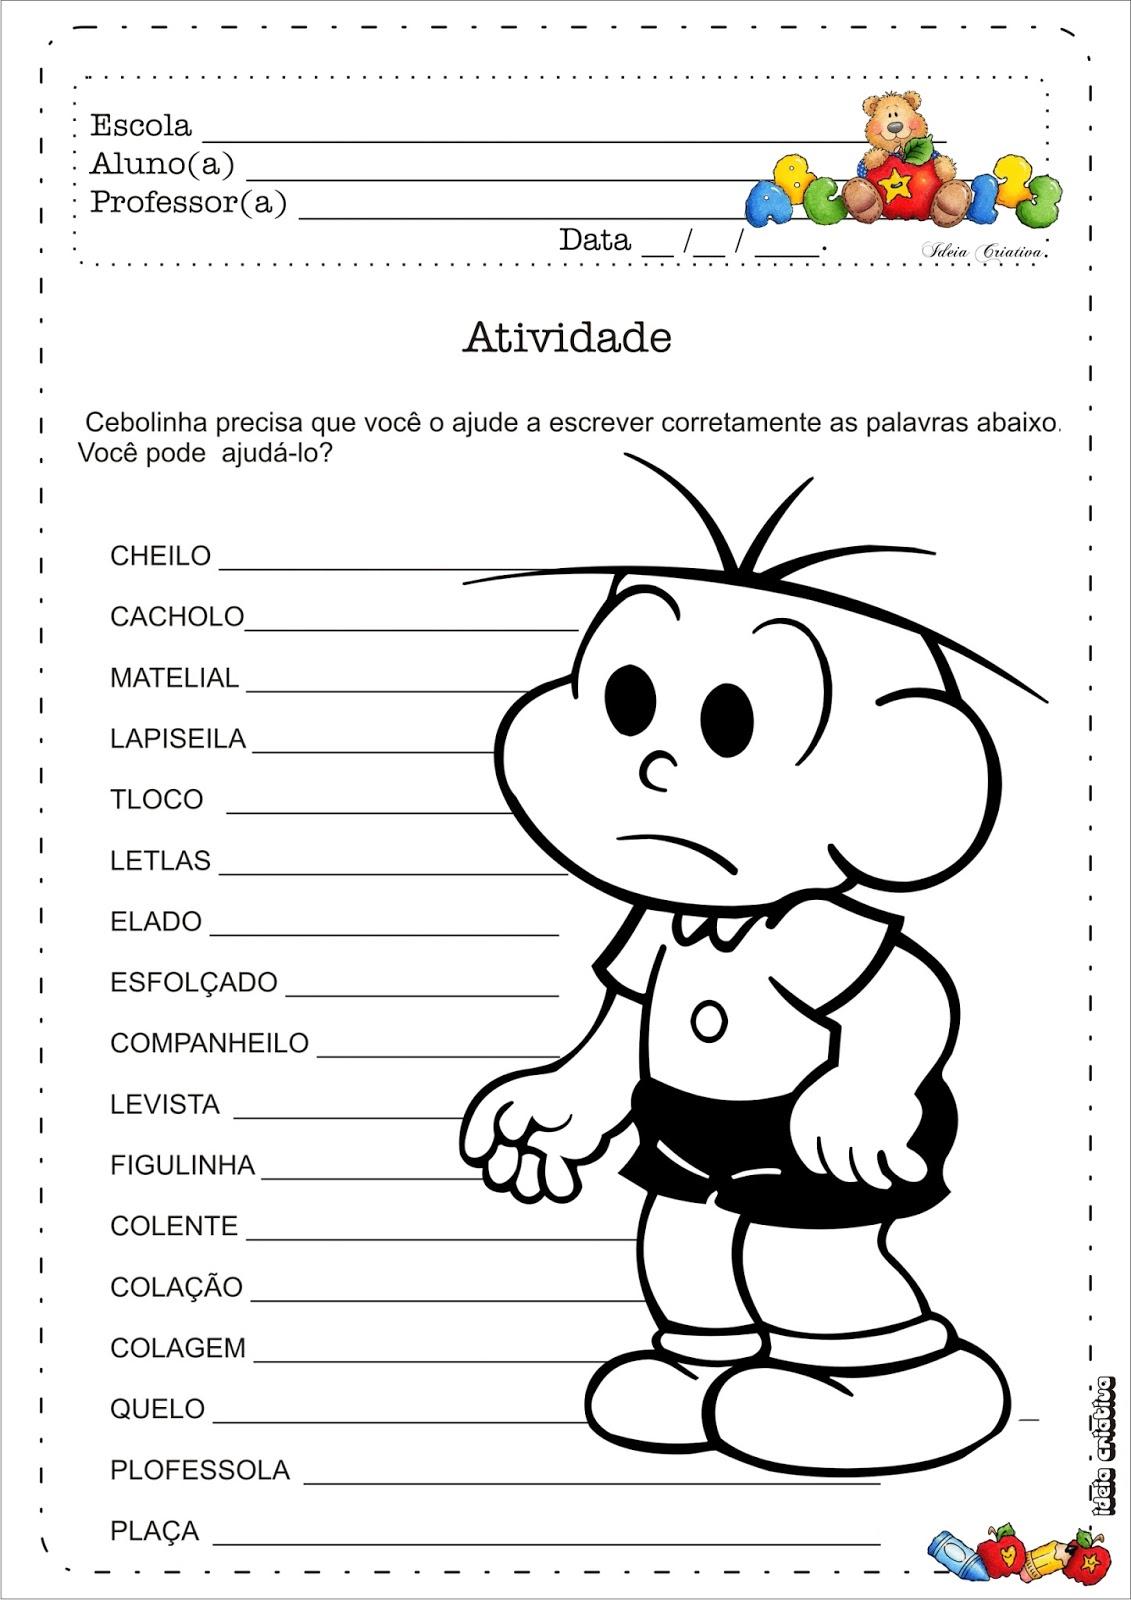 Atividade ortografia corrigindo a escrita das palavras